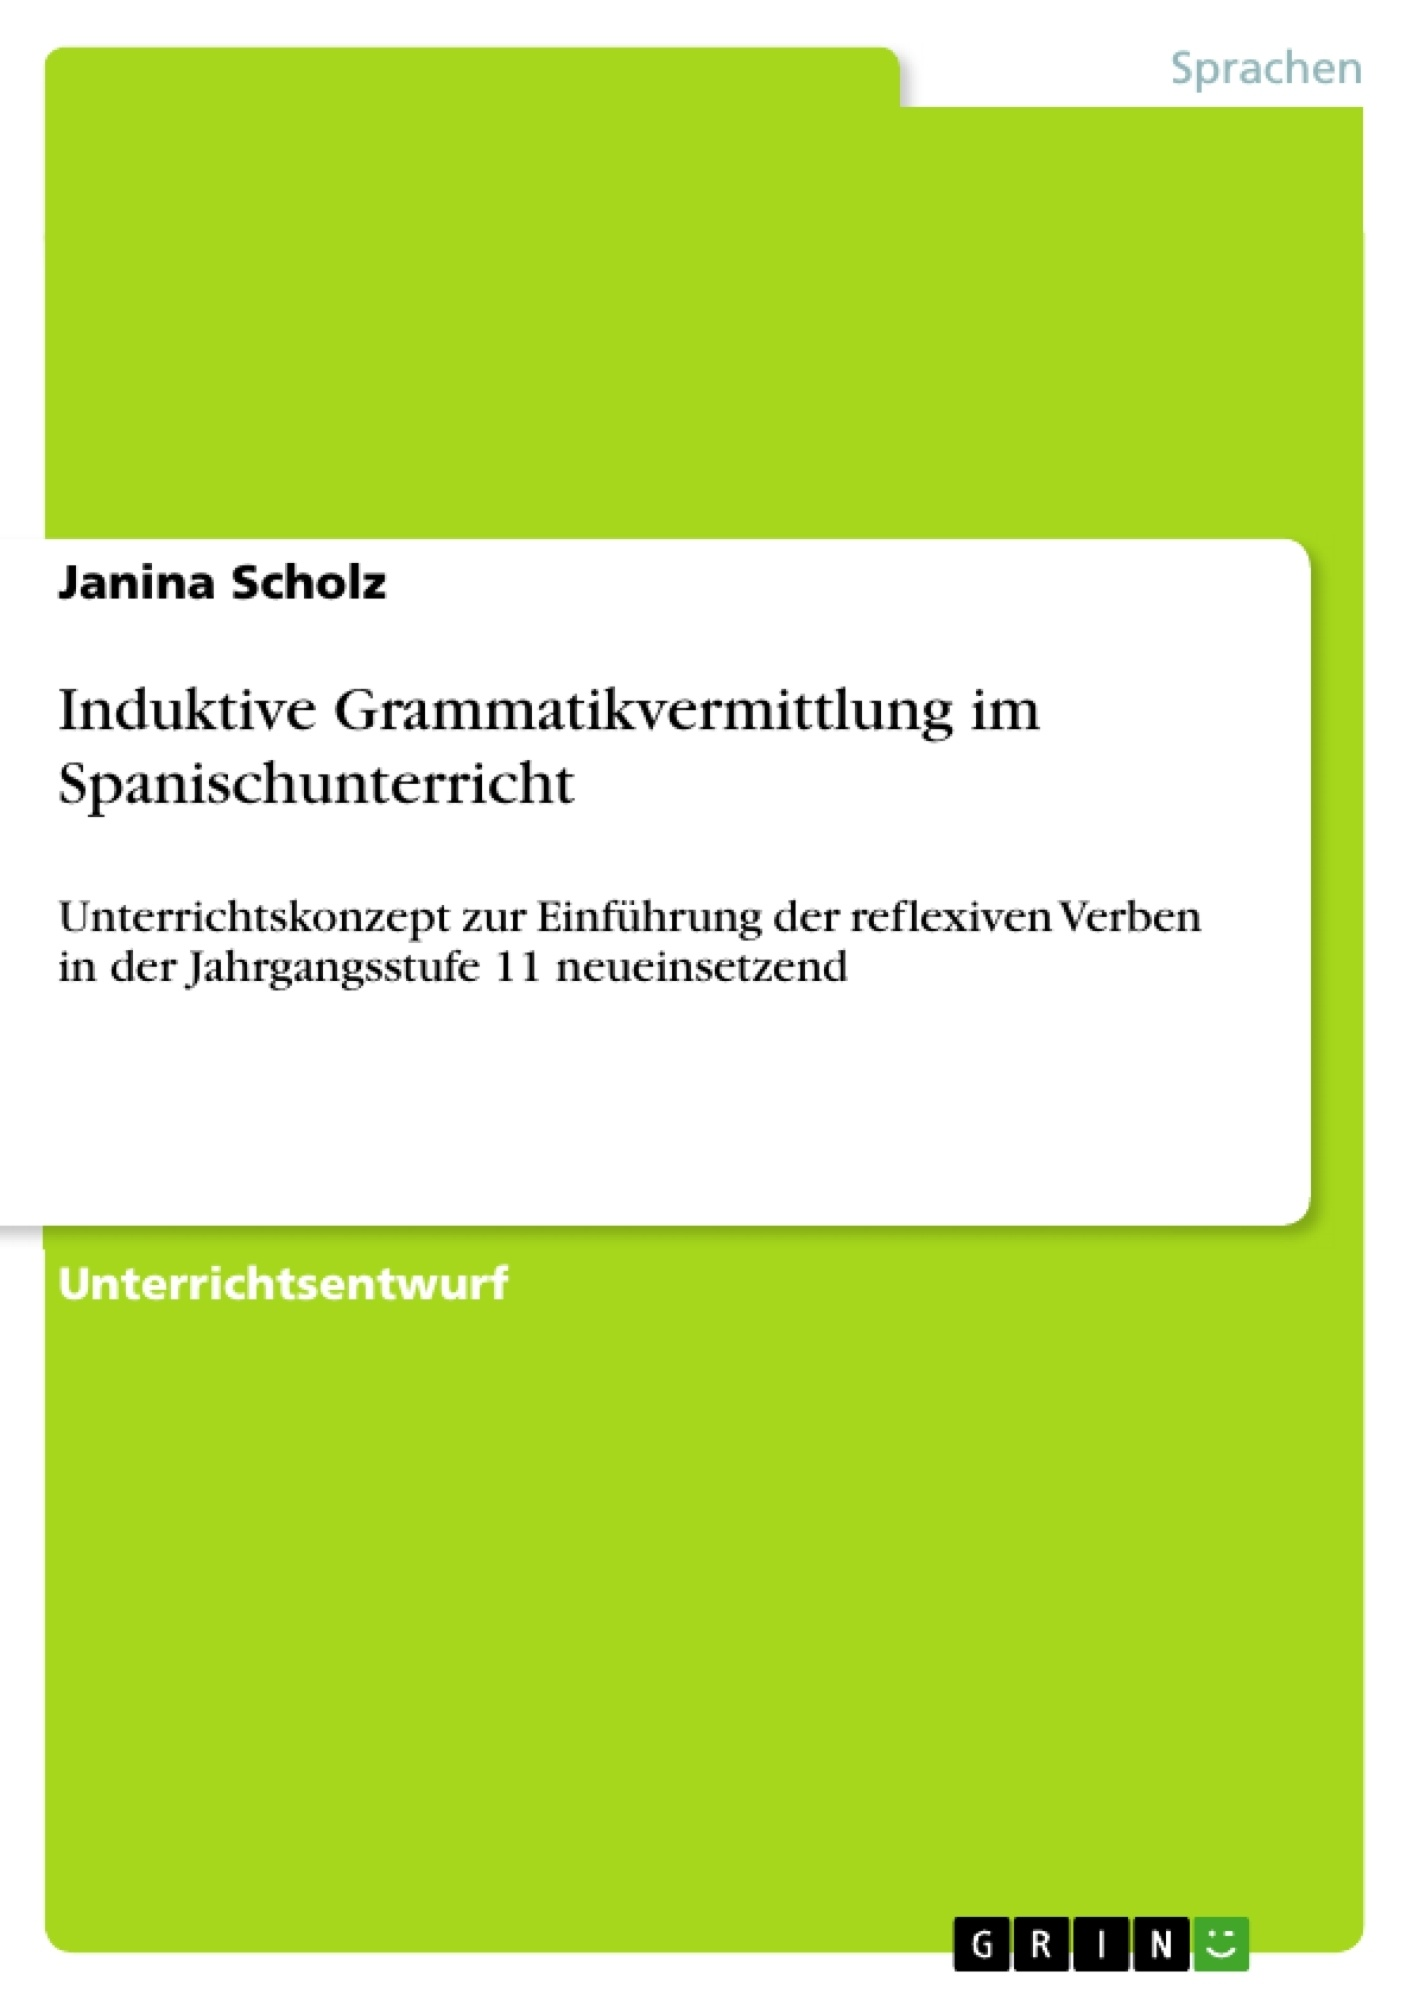 Induktive Grammatikvermittlung im Spanischunterricht | Masterarbeit ...